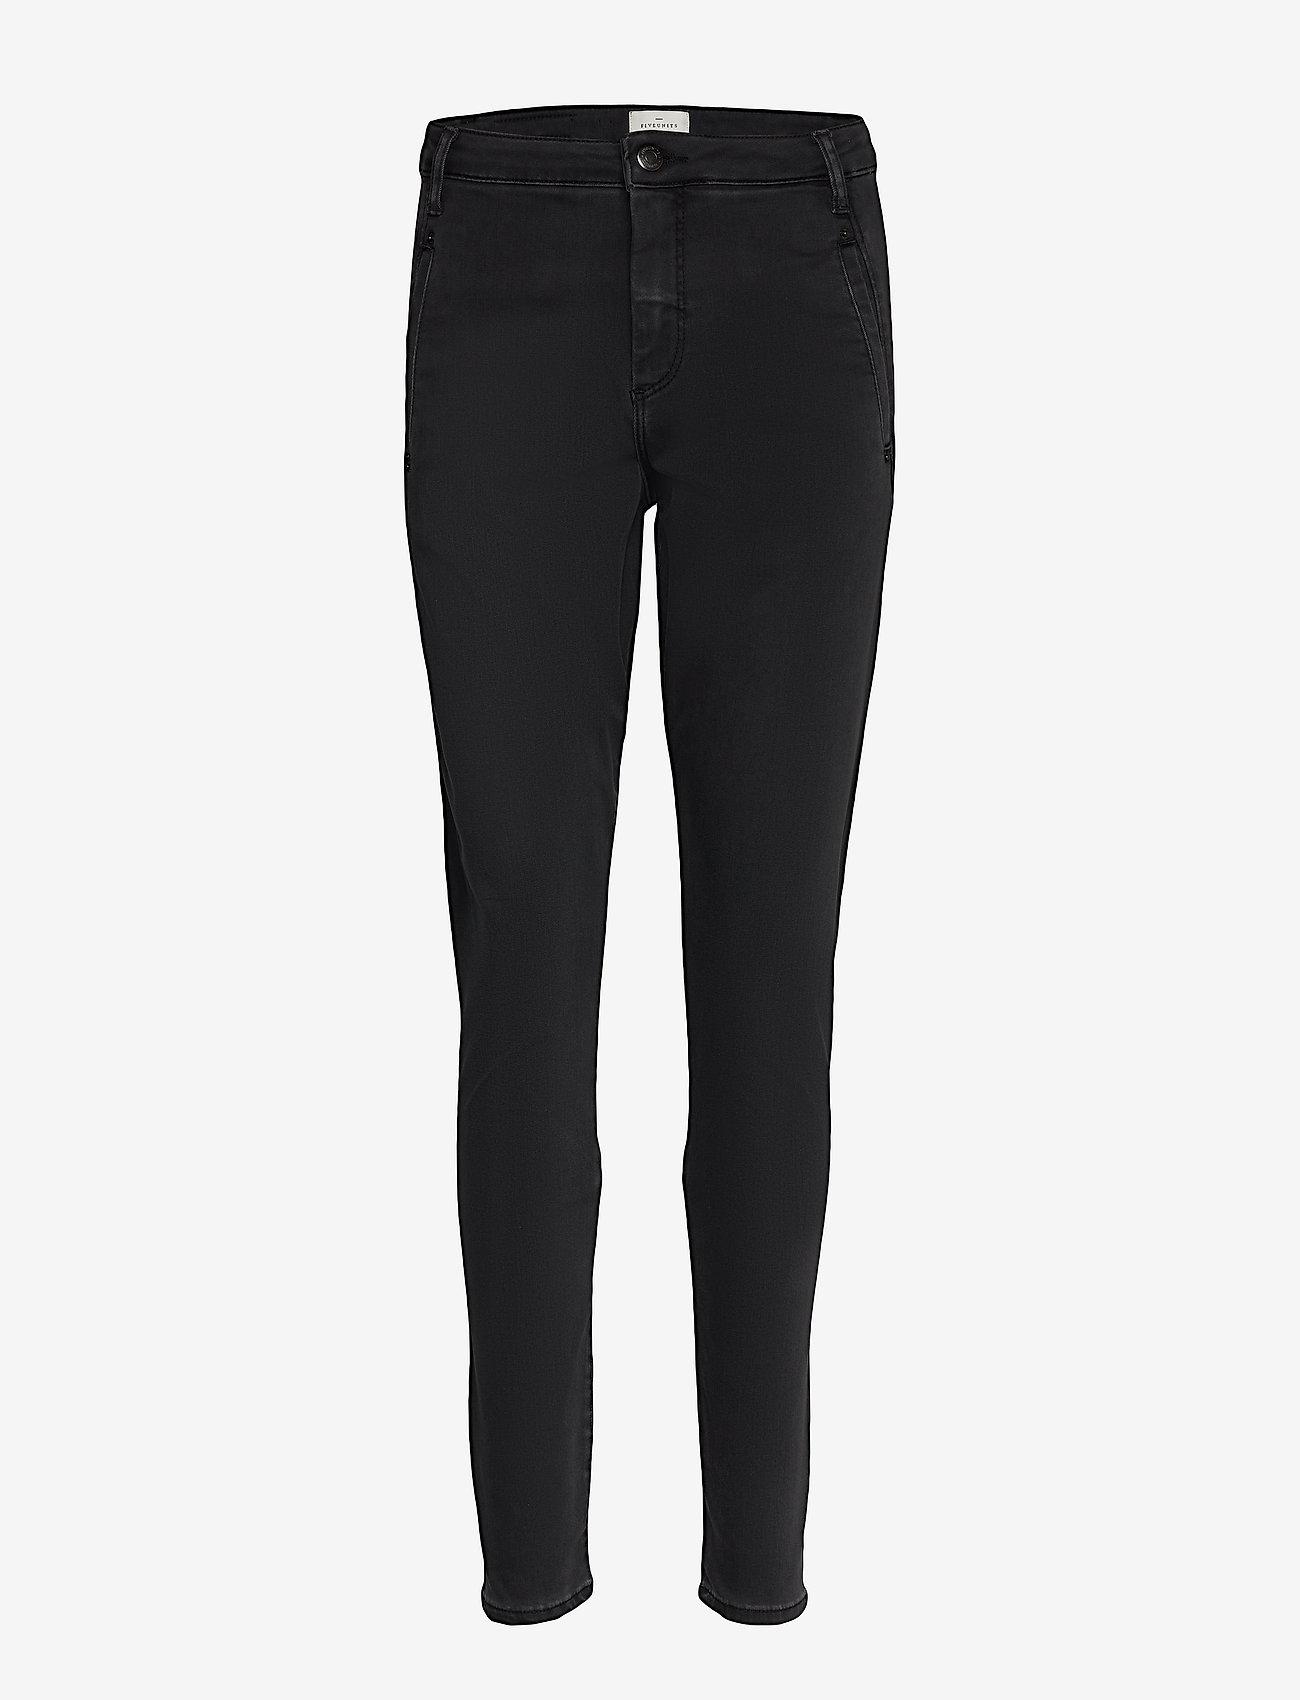 FIVEUNITS - Jolie 473 - slim jeans - fall black - 0